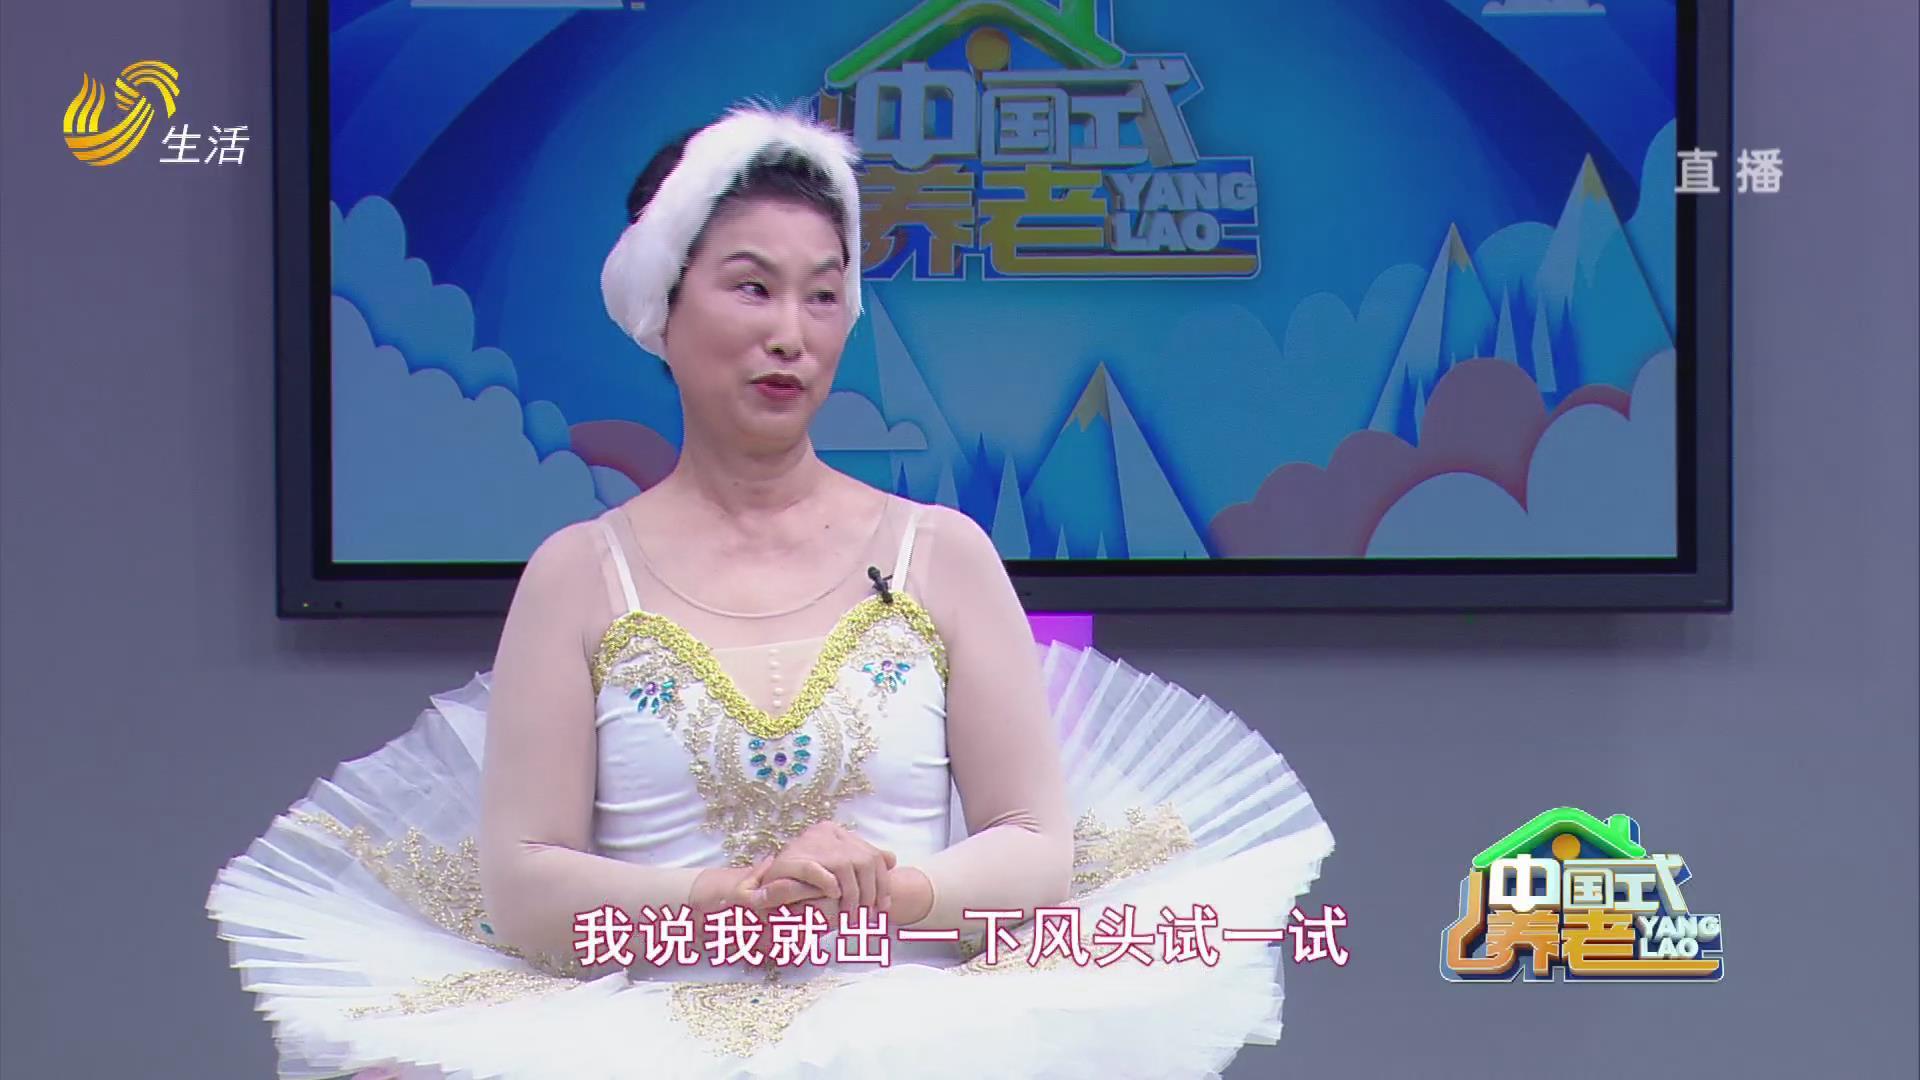 中国式养老-重拾儿时梦,花甲老人挑战芭蕾